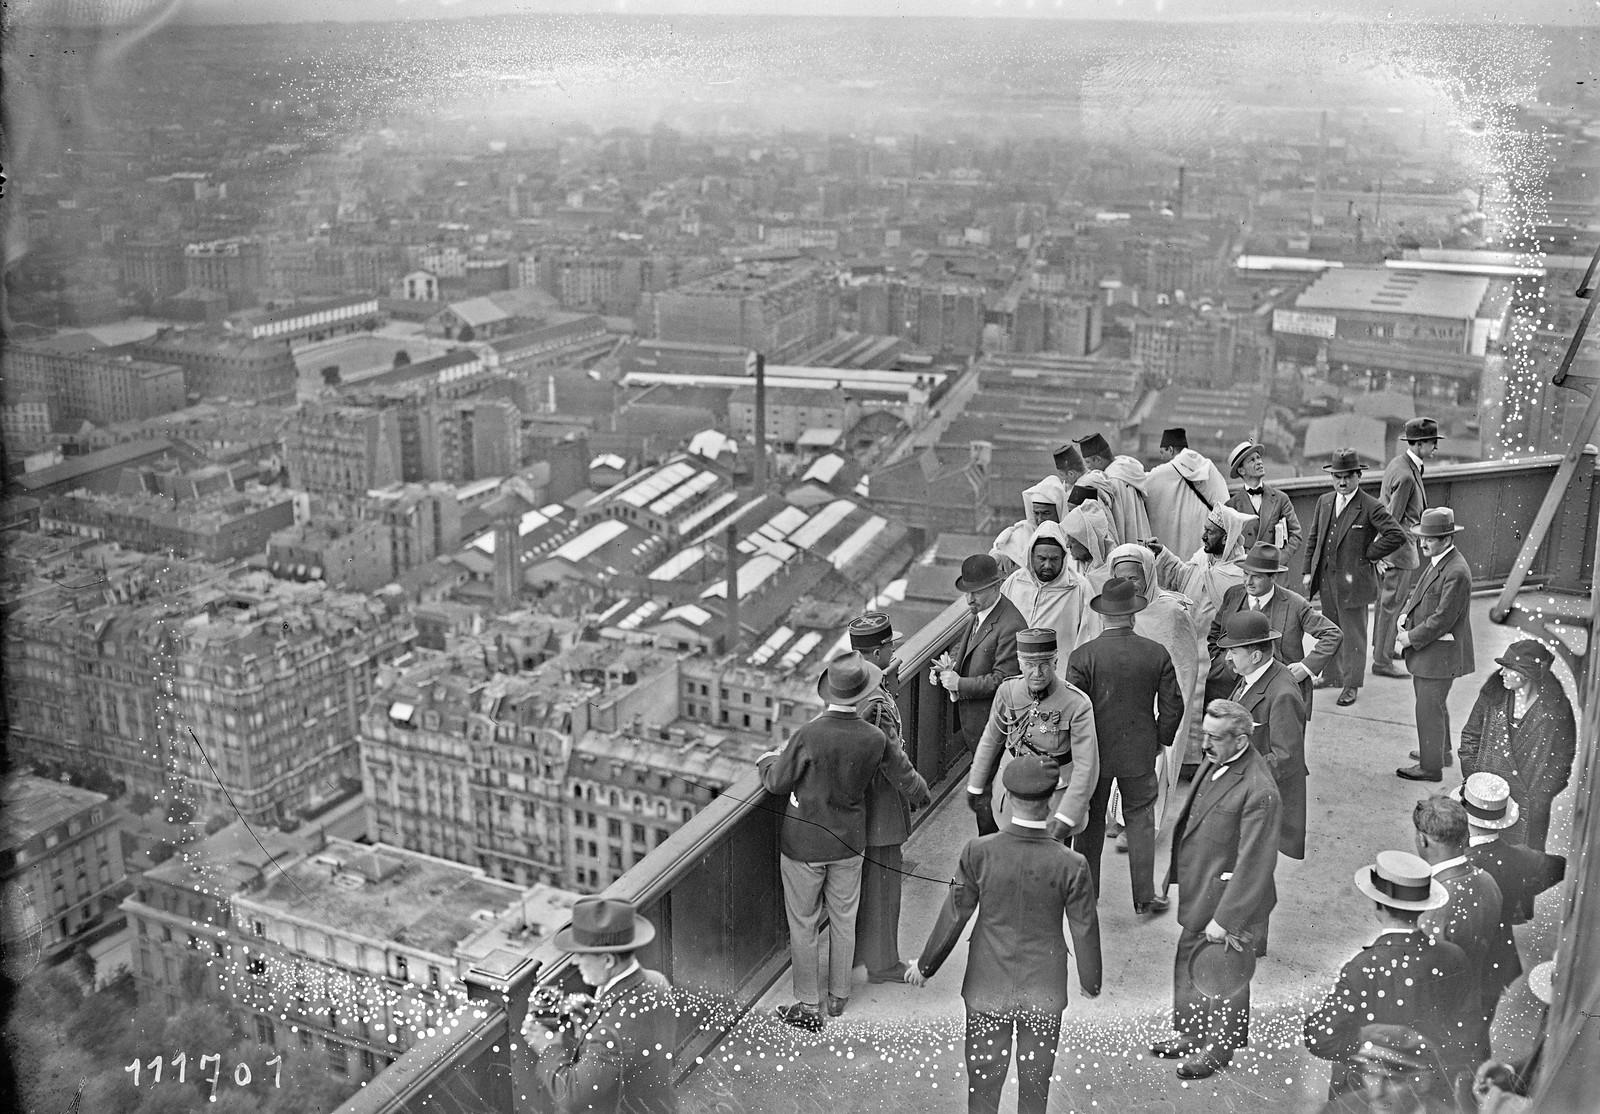 17. 1926. Мулай Юсуф, султан Марокко на Эйфелевой башне (2)